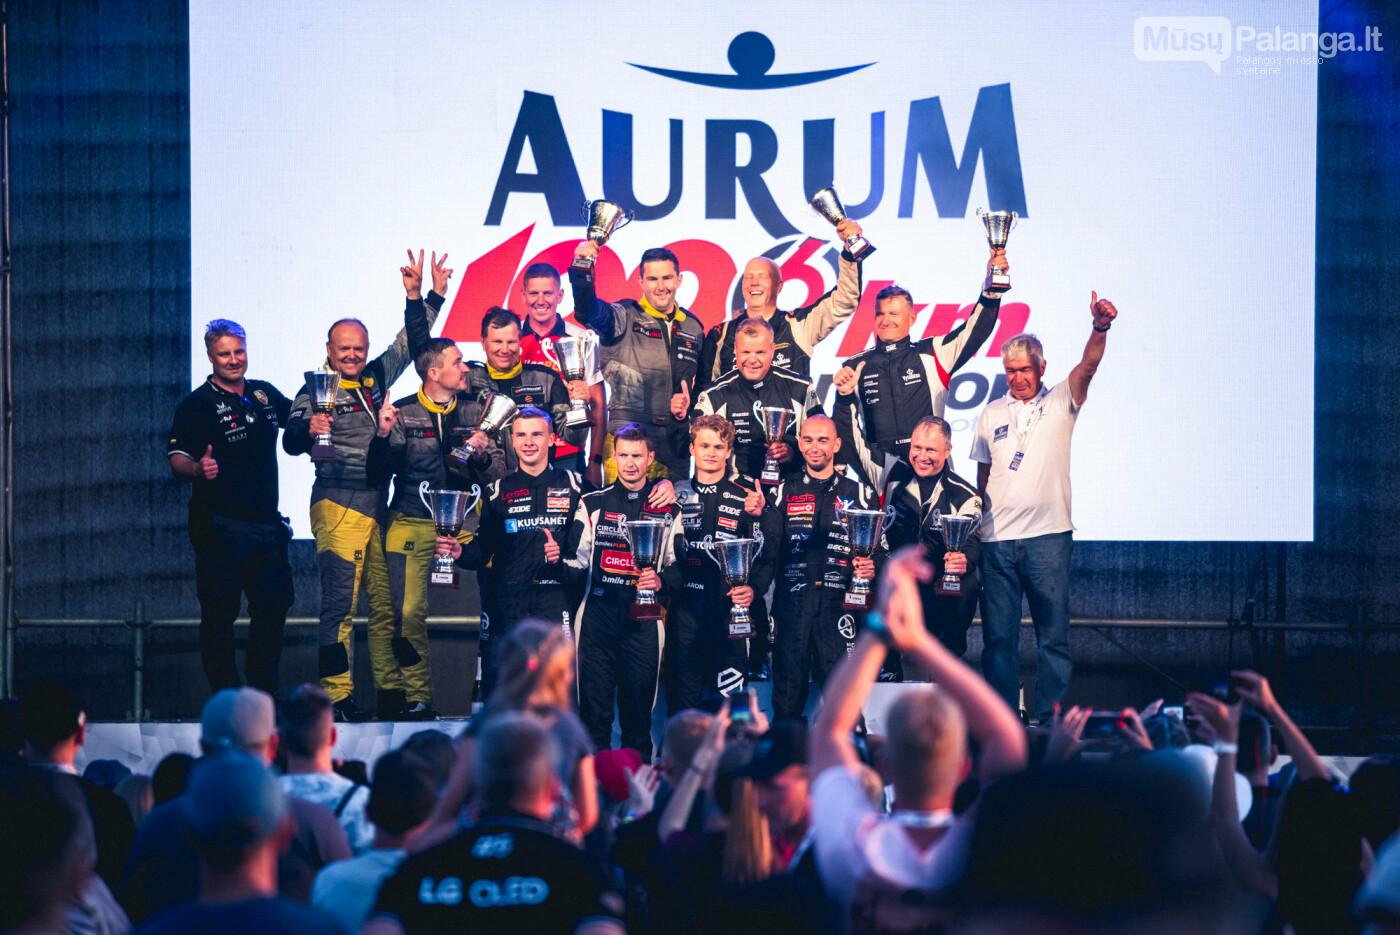 """""""Aurum 1006 km"""" lenktynėse Palangoje – praėjusių metų nugalėtojų triumfas , nuotrauka-18, Vytauto PILKAUSKO ir Arno STRUMILOS nuotr."""